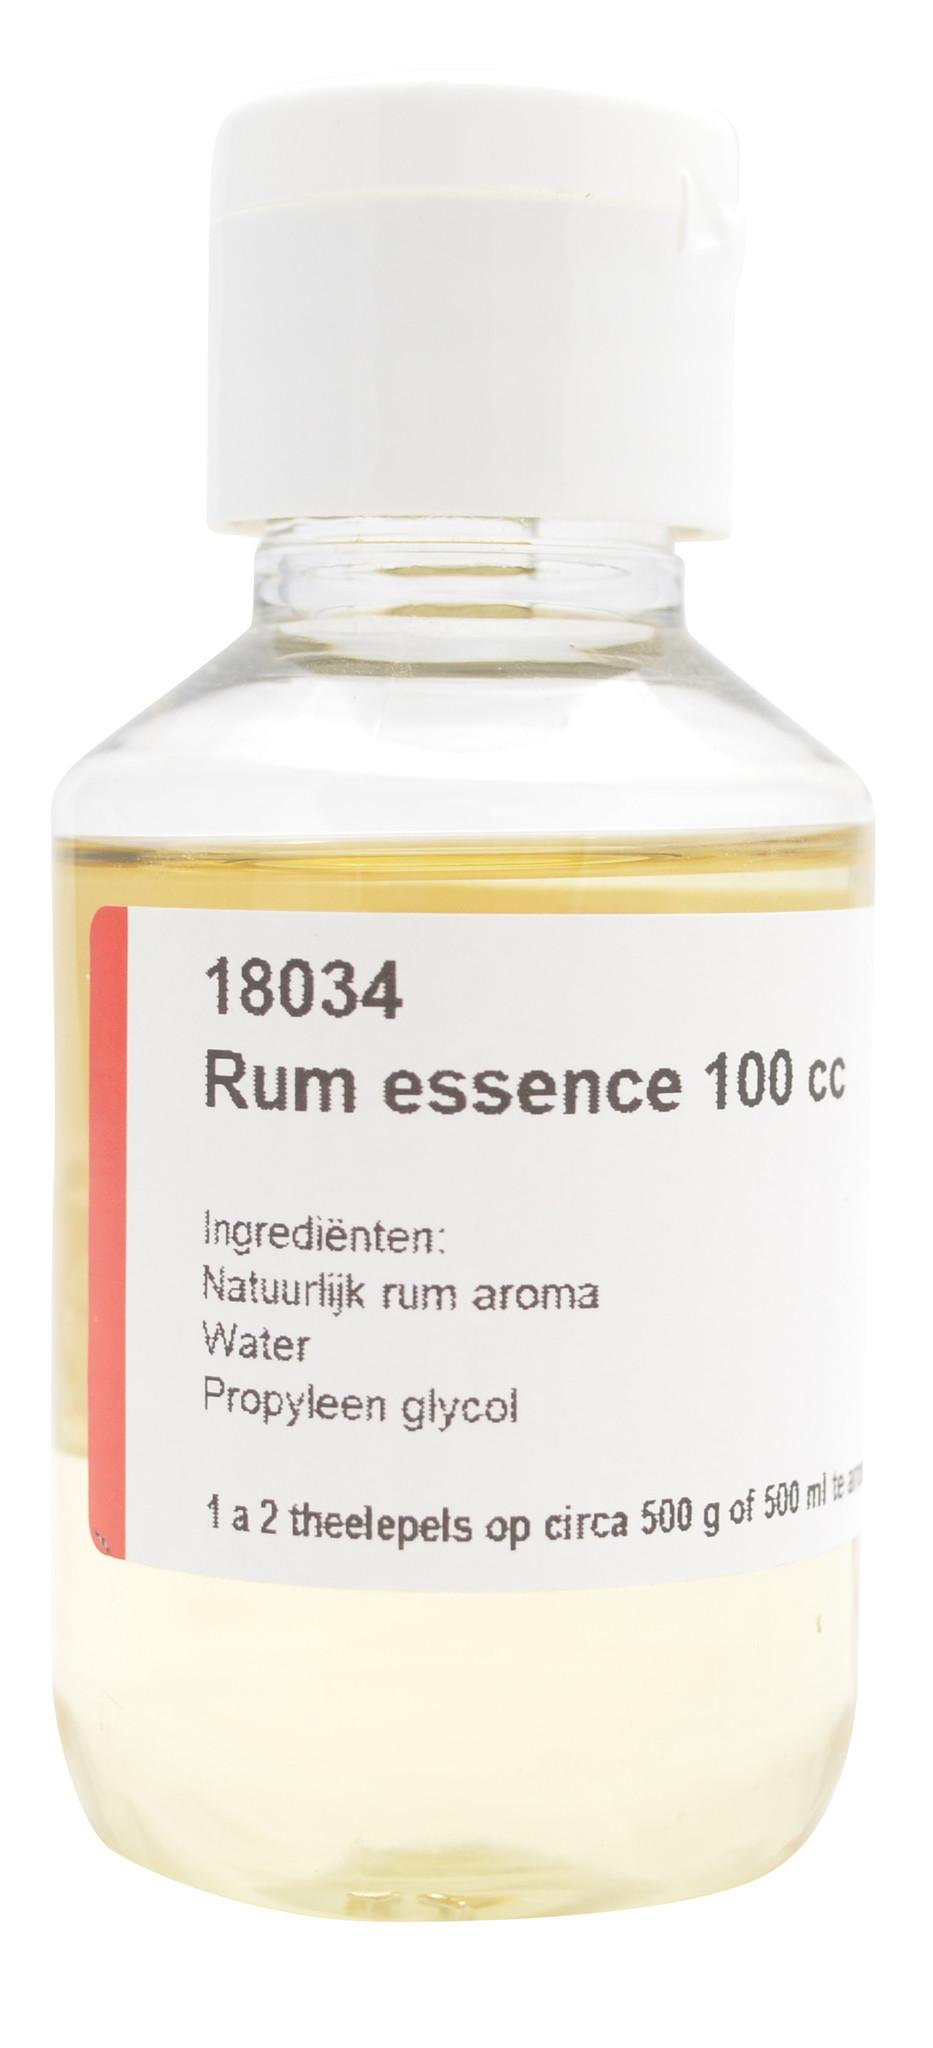 Rum essence 100 cc